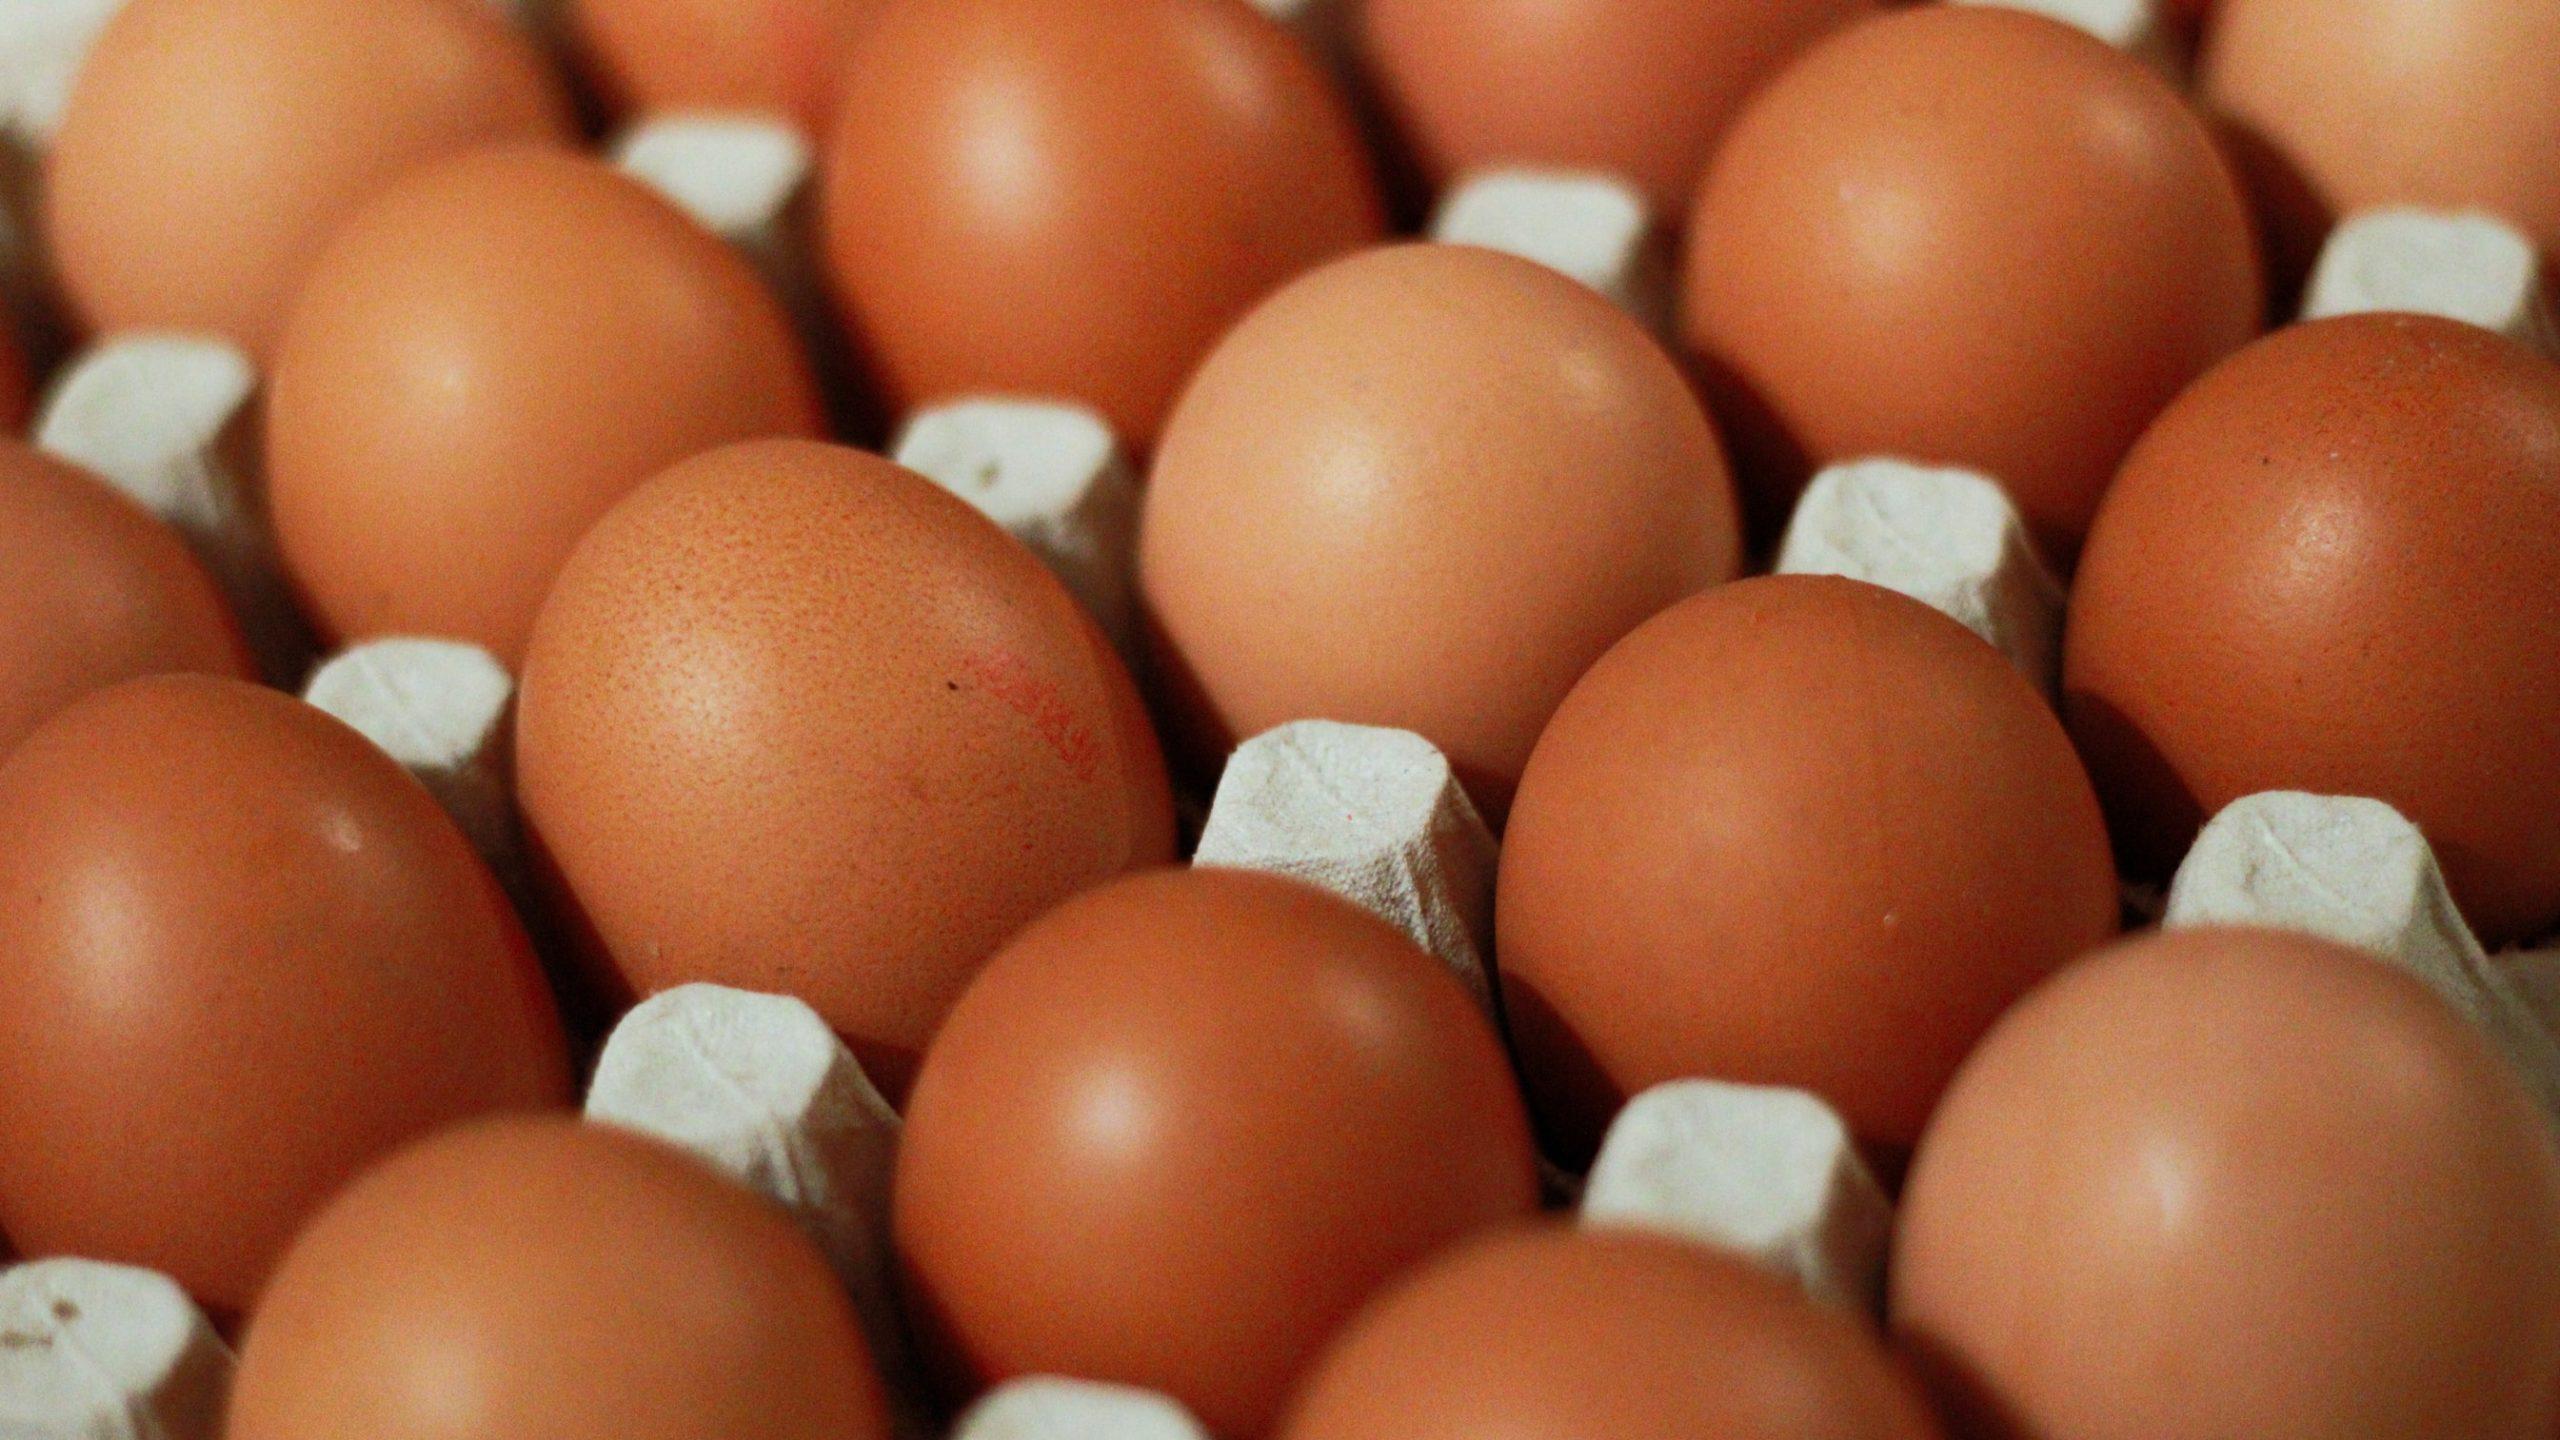 Proteína: uma forma de inovar o preparo do ovo